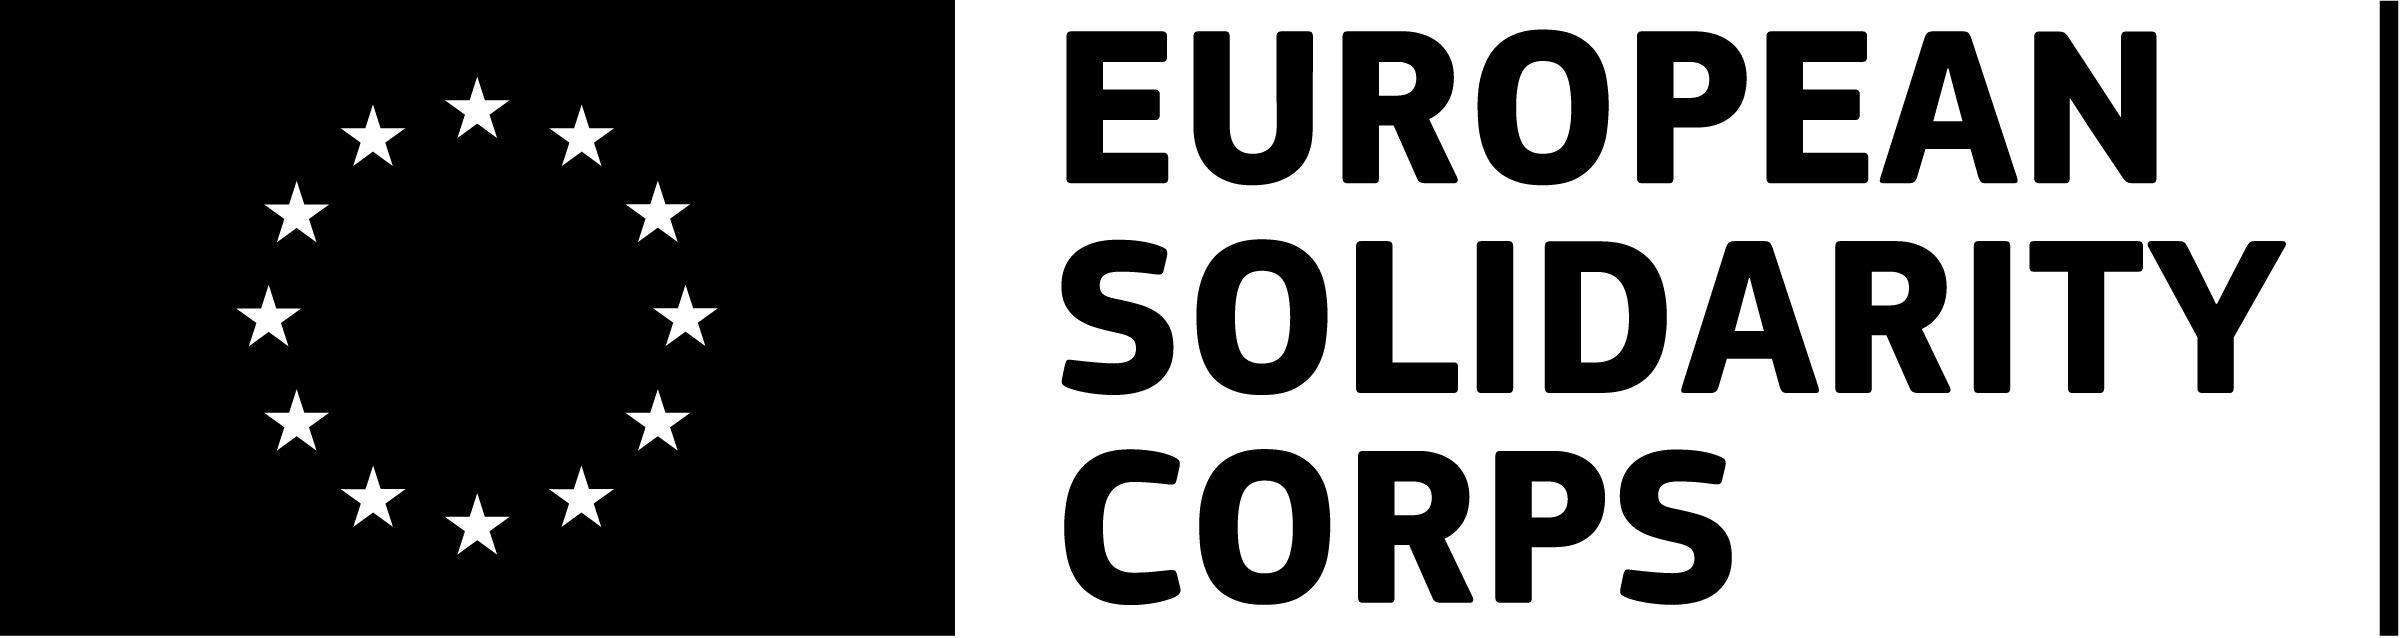 European Solidarity Corps Projects, la vetrina dei progetti finanziati in Europa